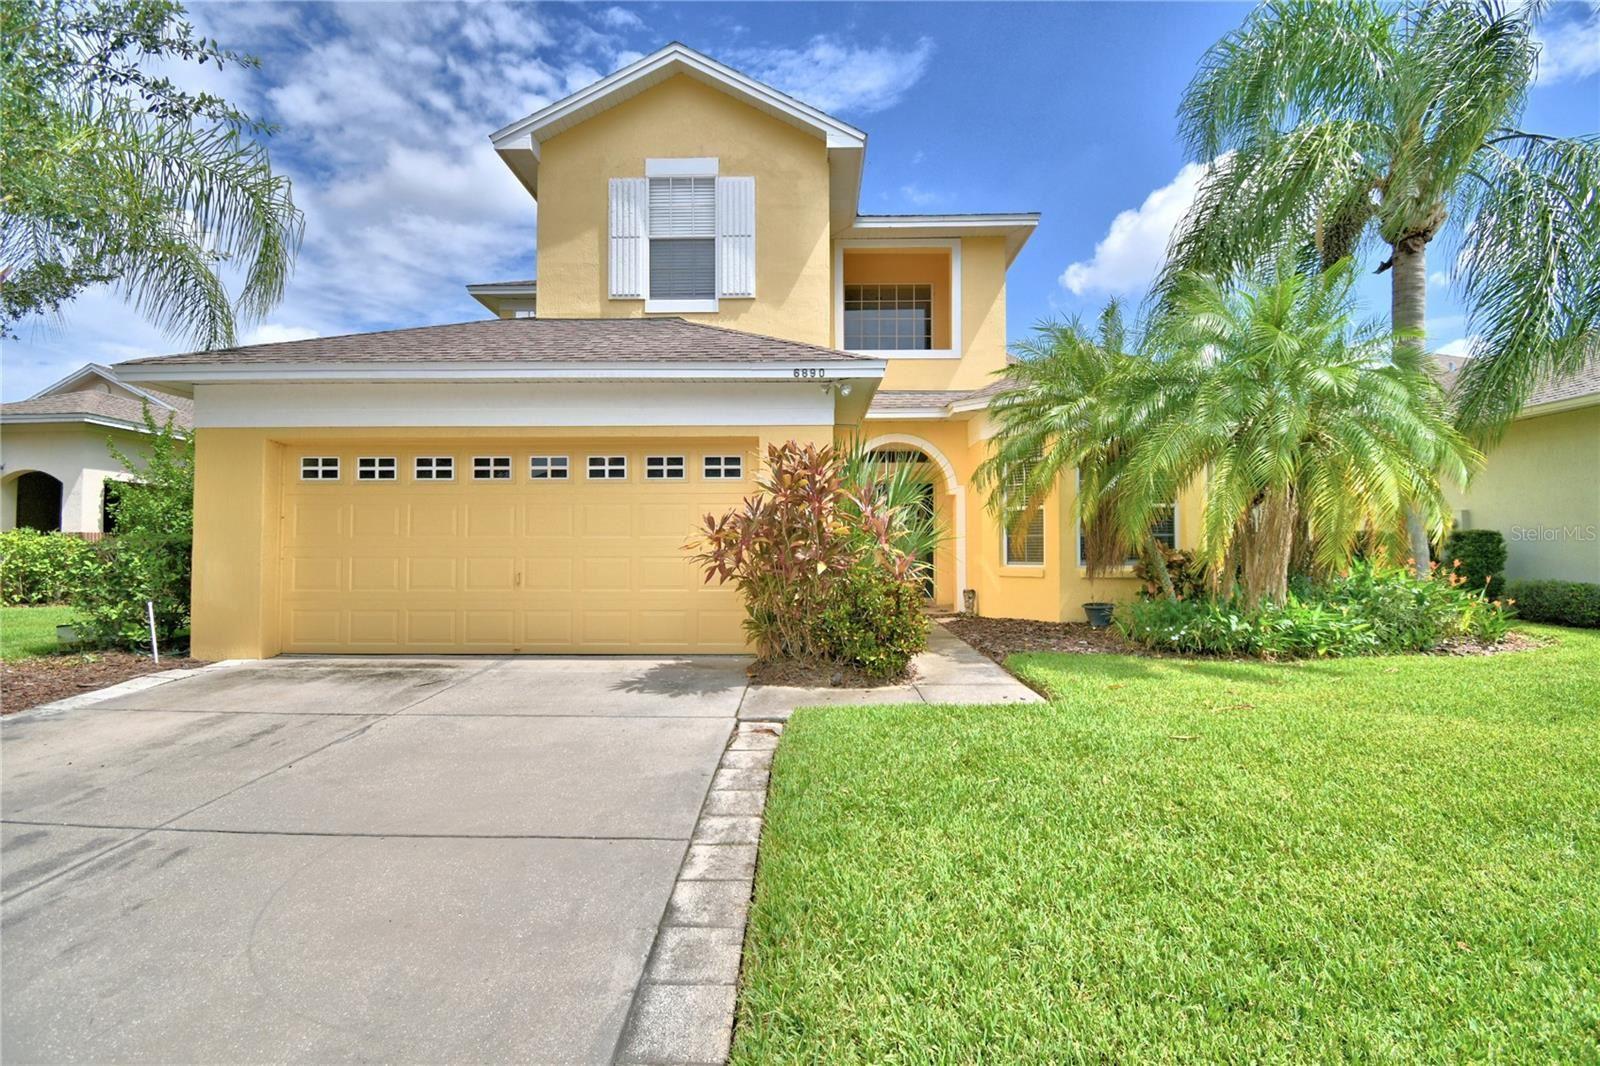 6890 EAGLE RIDGE LOOP, Lakeland, FL 33813 - #: L4925232